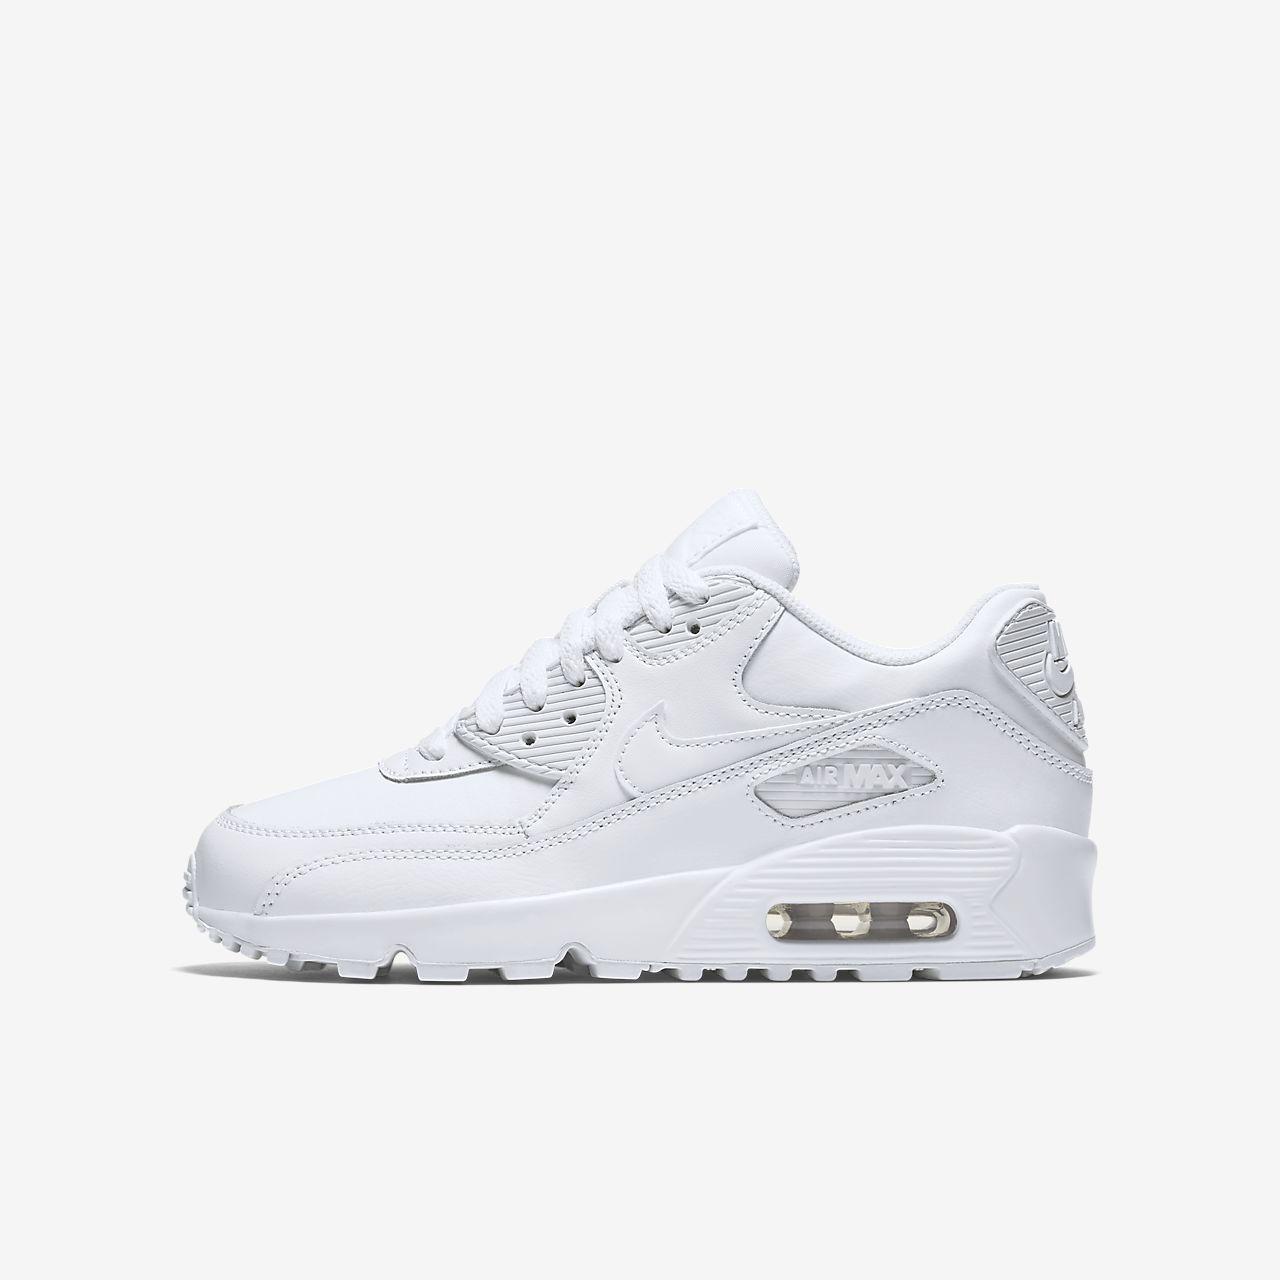 GyerekeknekHu Nike Air 90 Nagyobb Cipő Leather Max rxWeBodCQ